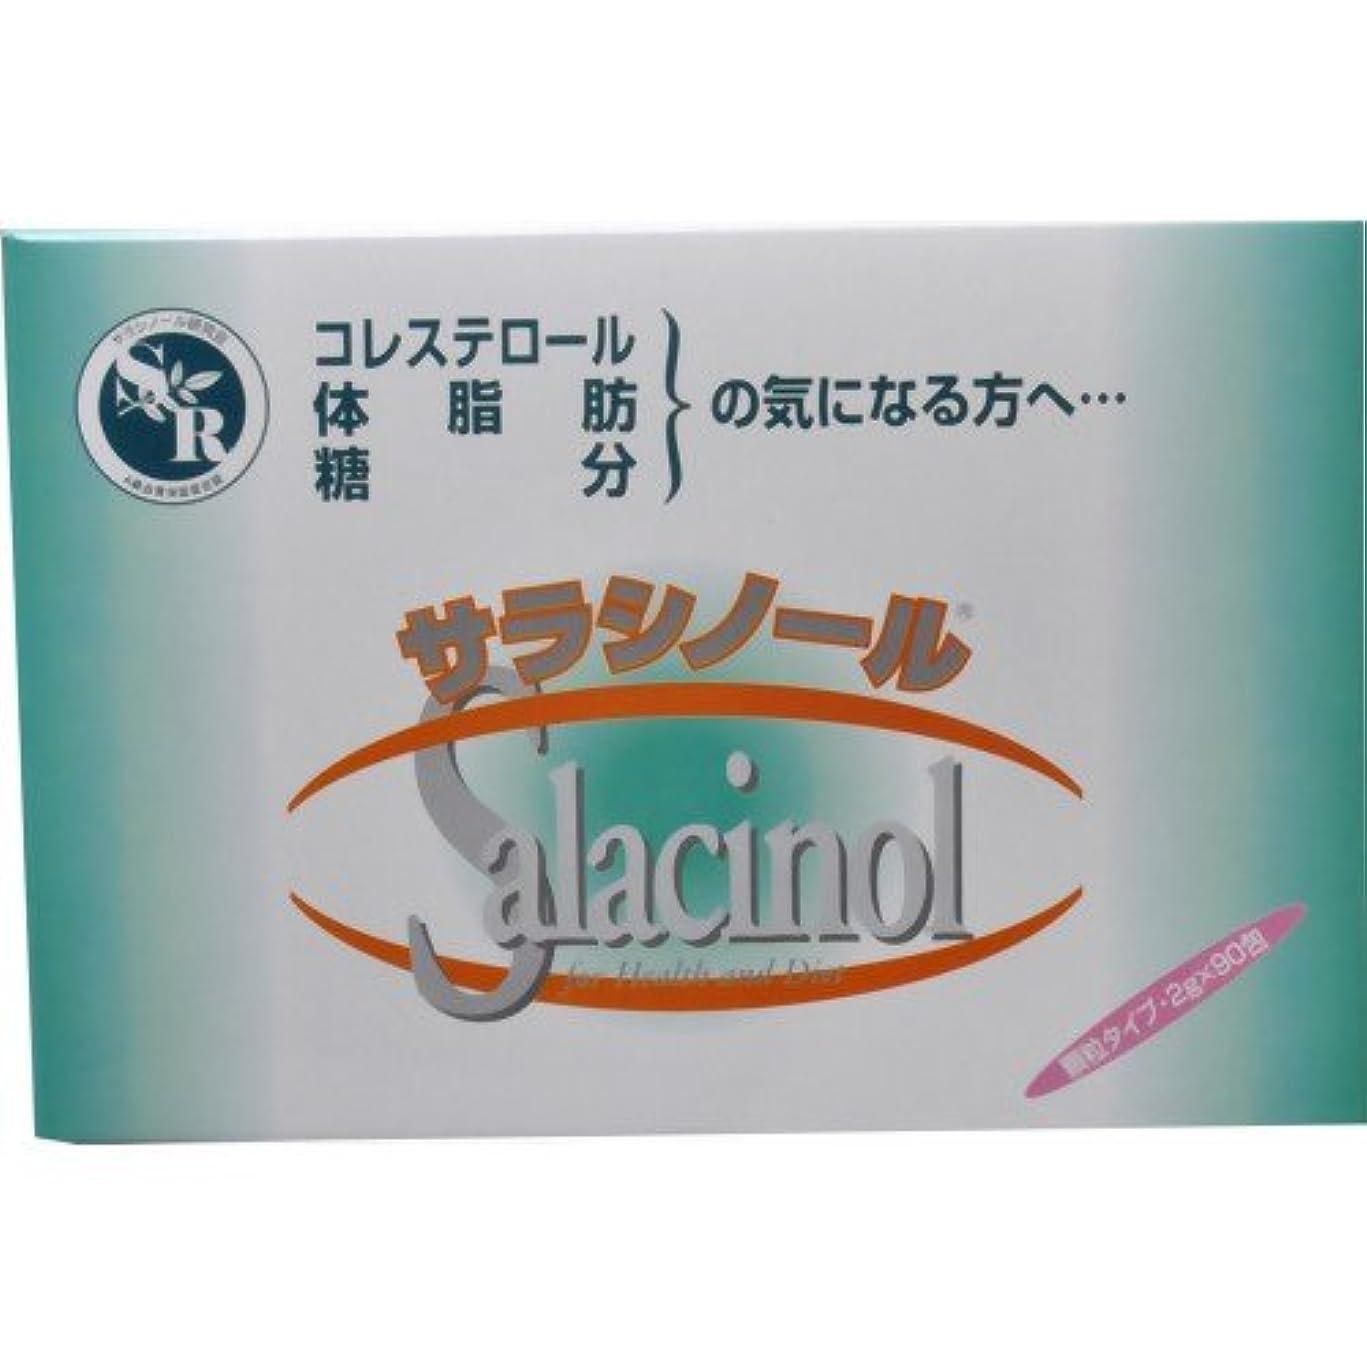 動く針フォージジャパンヘルス サラシノール顆粒 90包